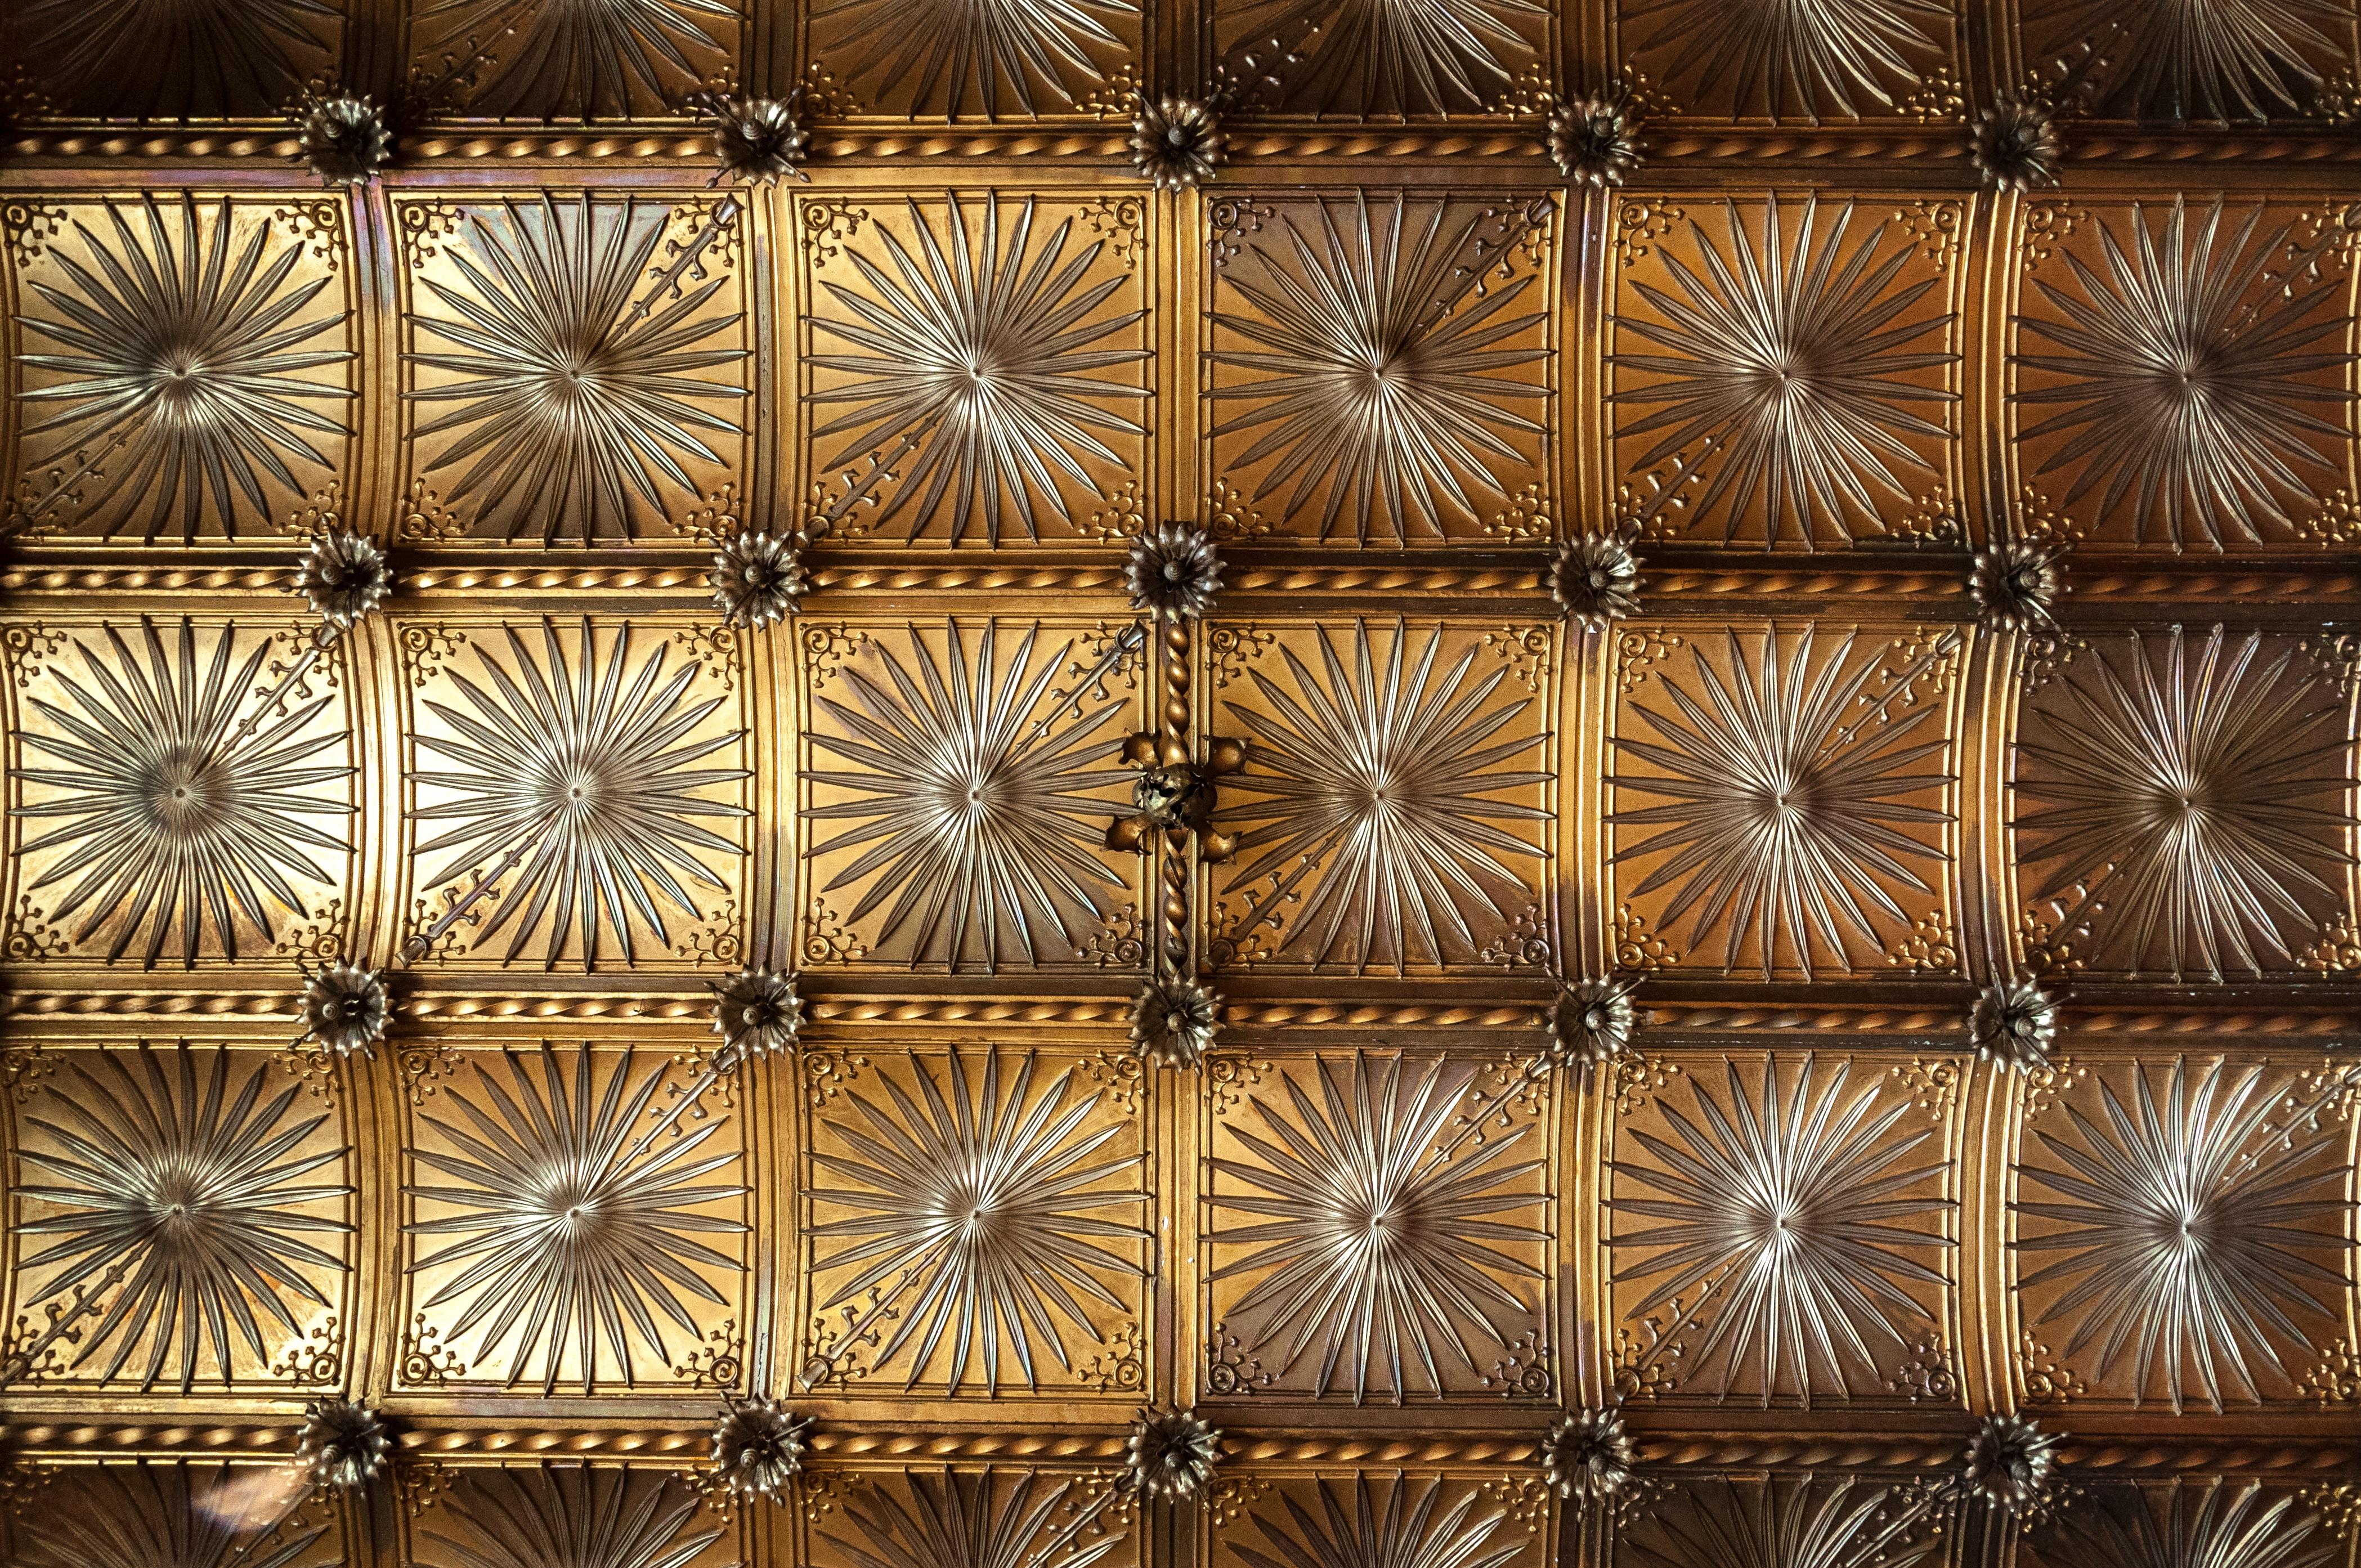 Annabella 67 Art Line Design : Symetrie photos fonds d écran